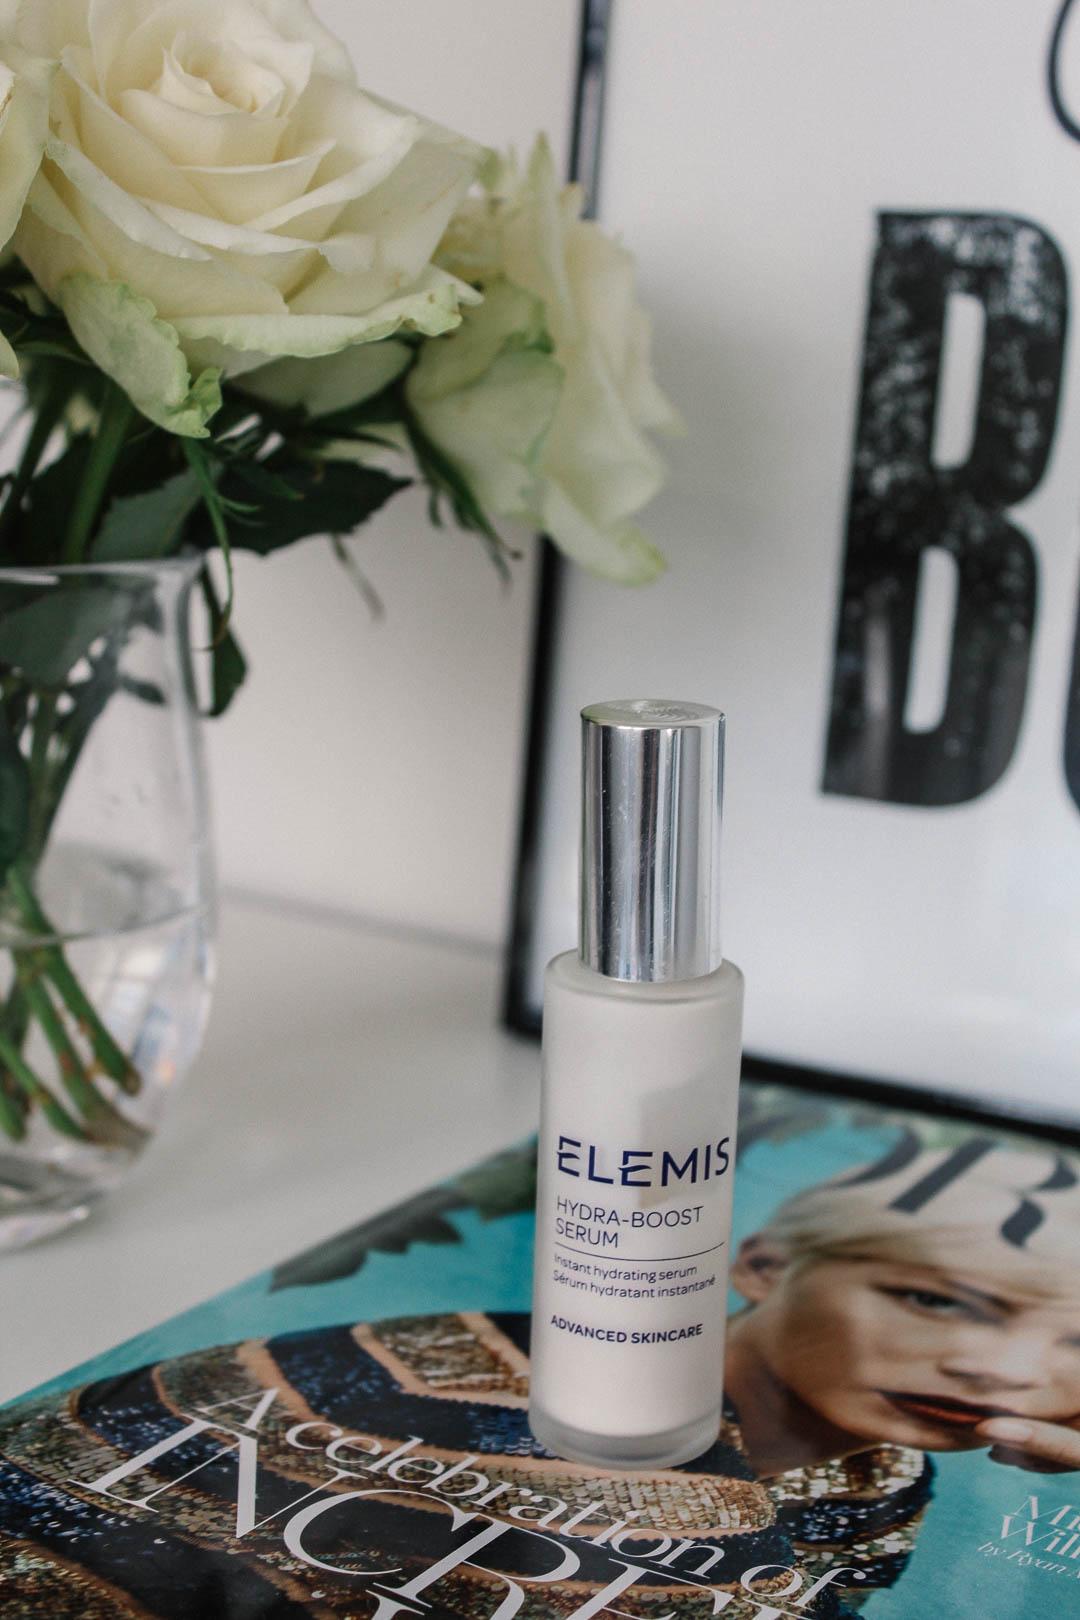 elemis-1 (2 of 2)